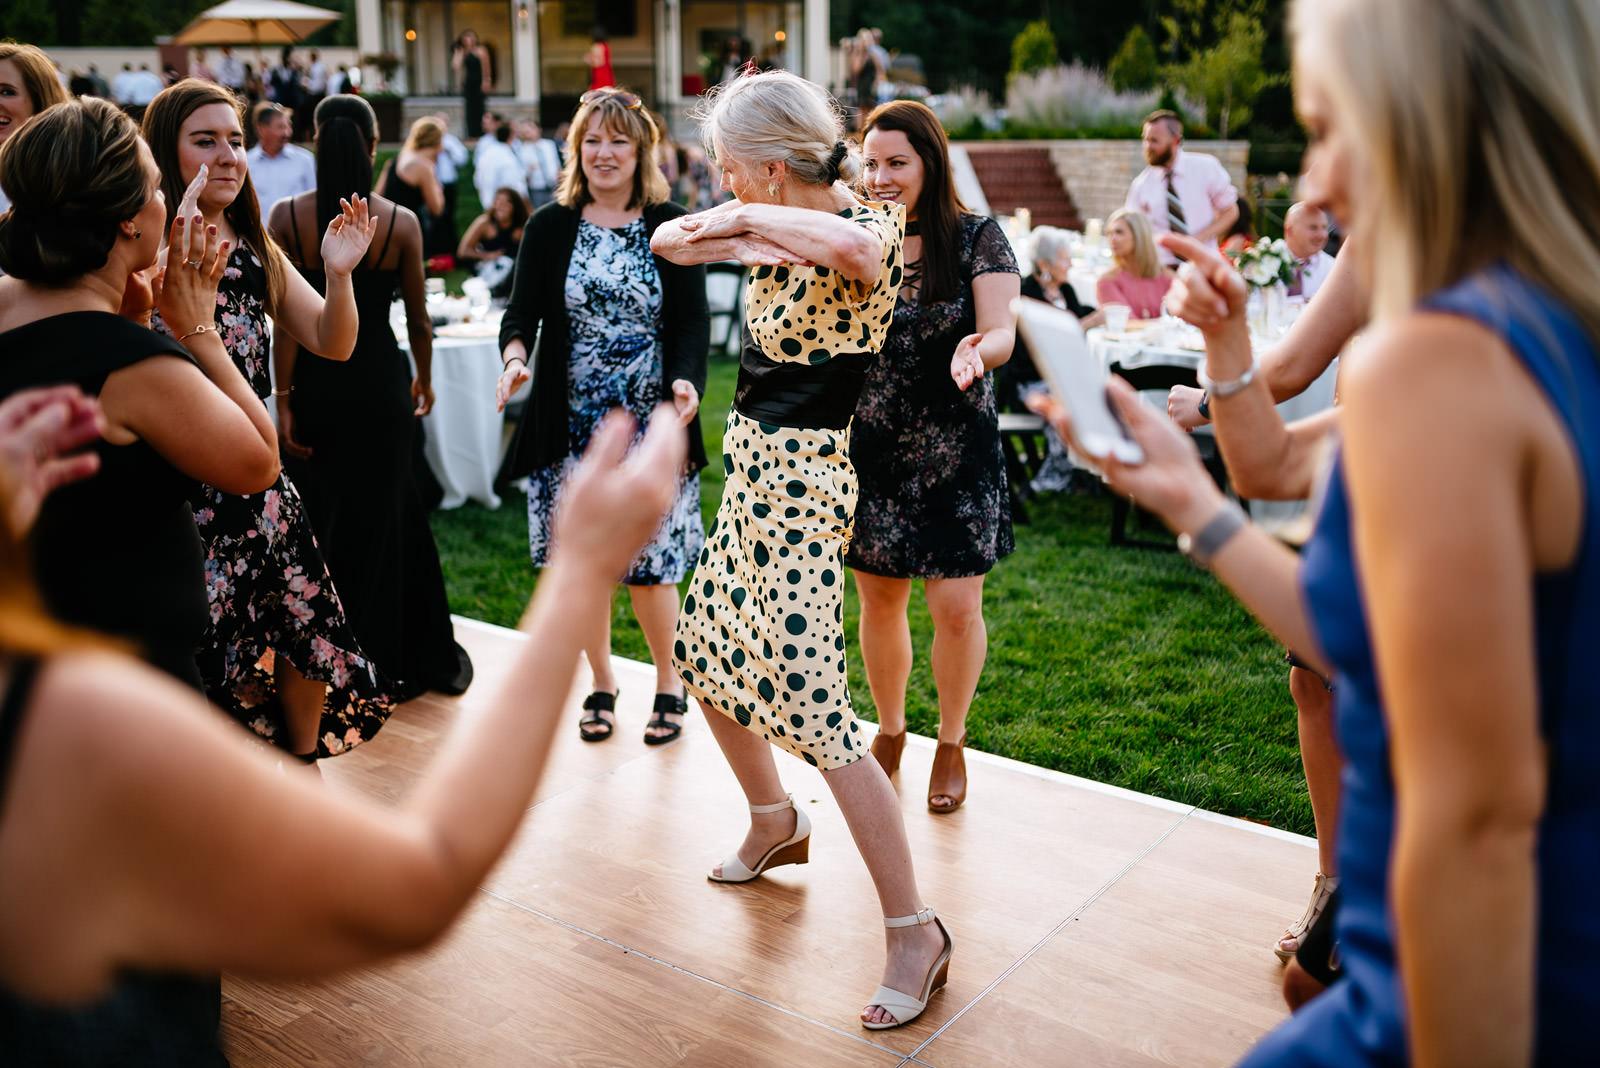 stylish old lady on dancefloor